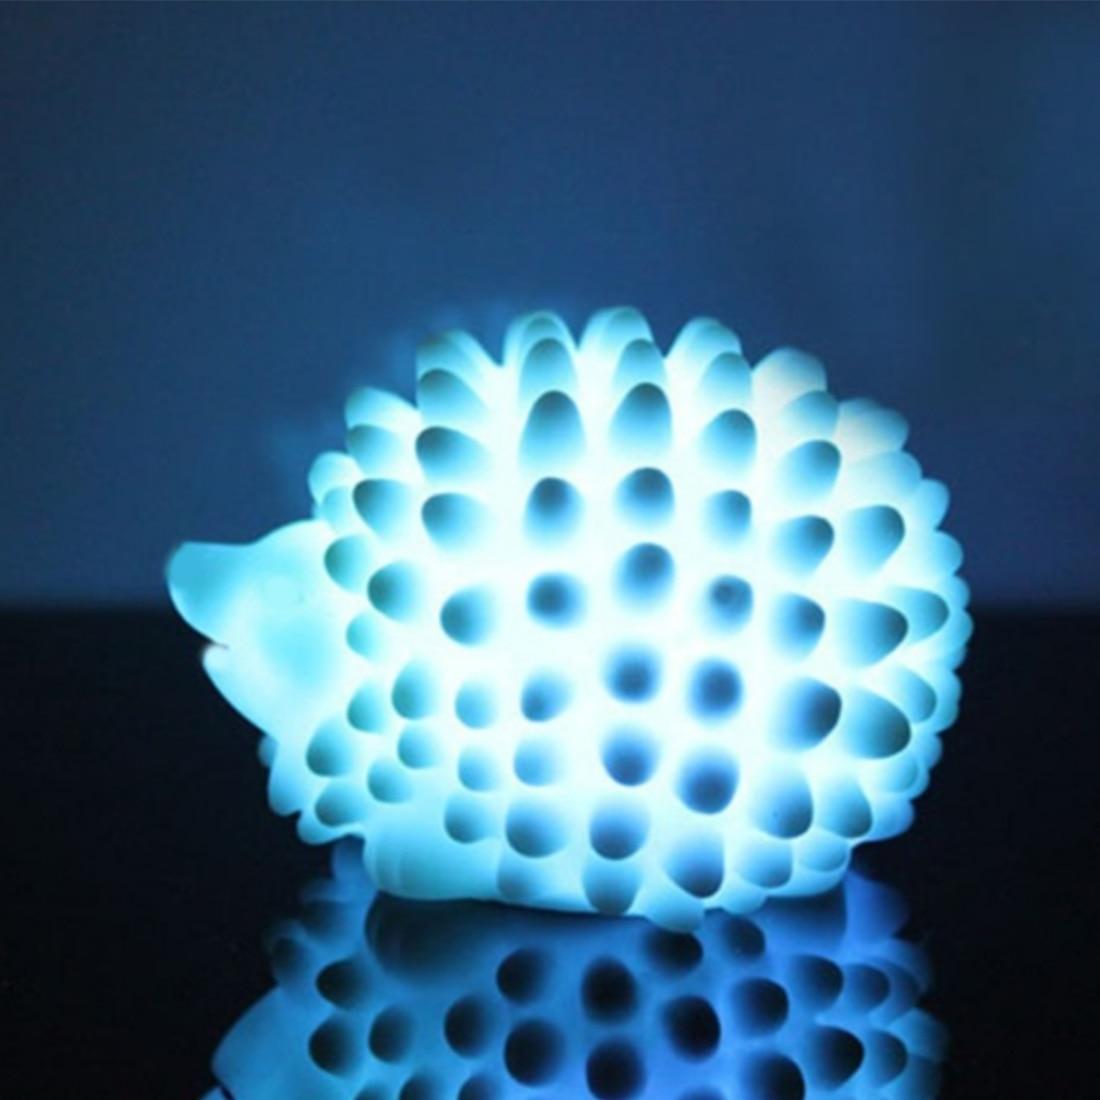 LED Night Light Household Decoration Lamp Desk Lamps Changing Color Christmas Present Baby Light Home Bedside LED Hedgehog